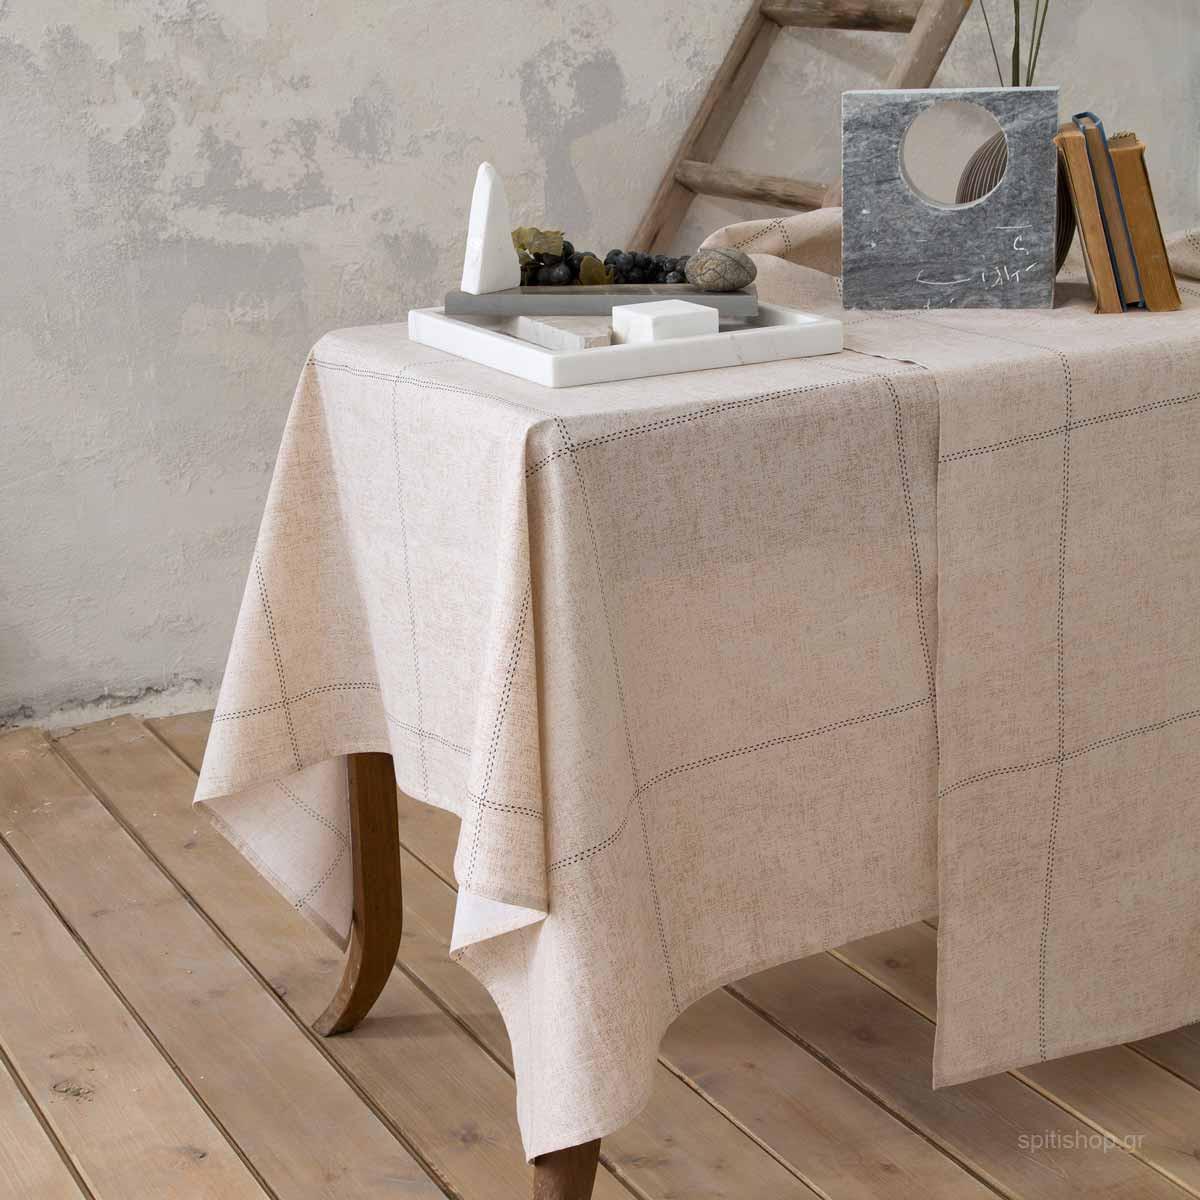 Τραπεζομάντηλο (150×150) Nima Kitchen Tailor